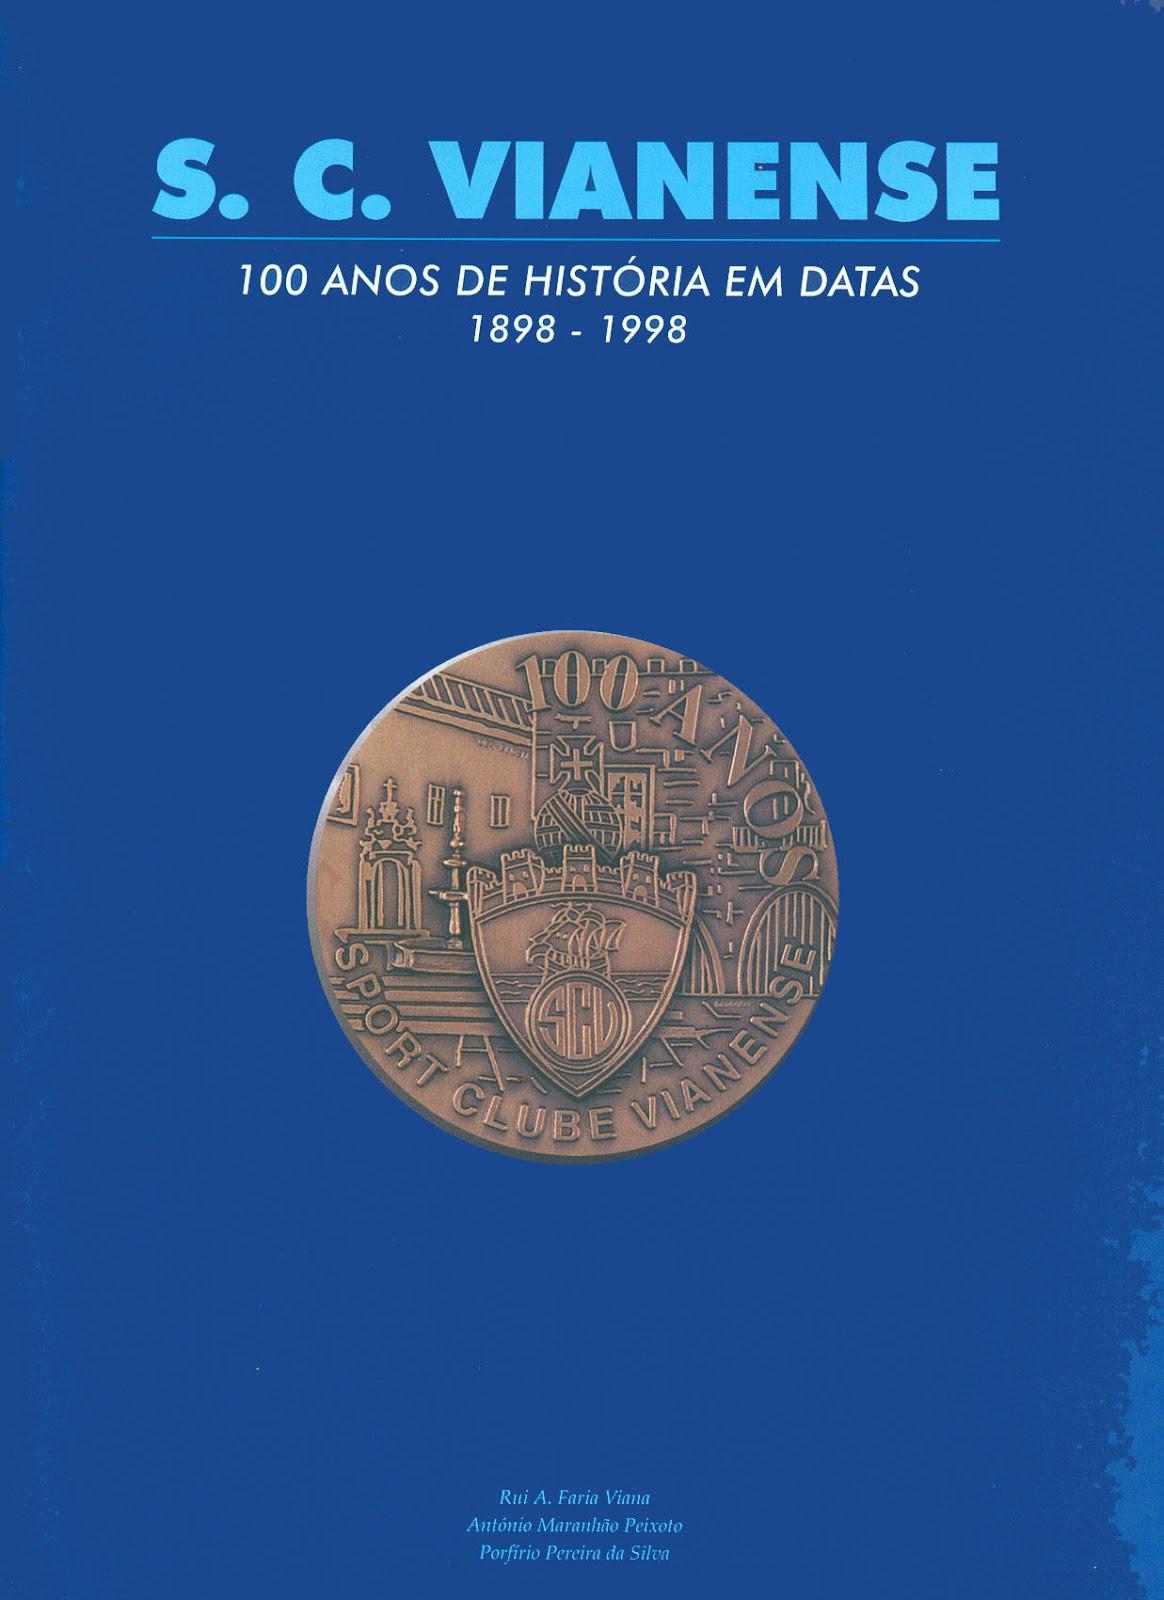 S. C. VIANENSE: 100 ANOS DE HISTÓRIA (dezembro de 1998 D.L. n.º 129101/98)